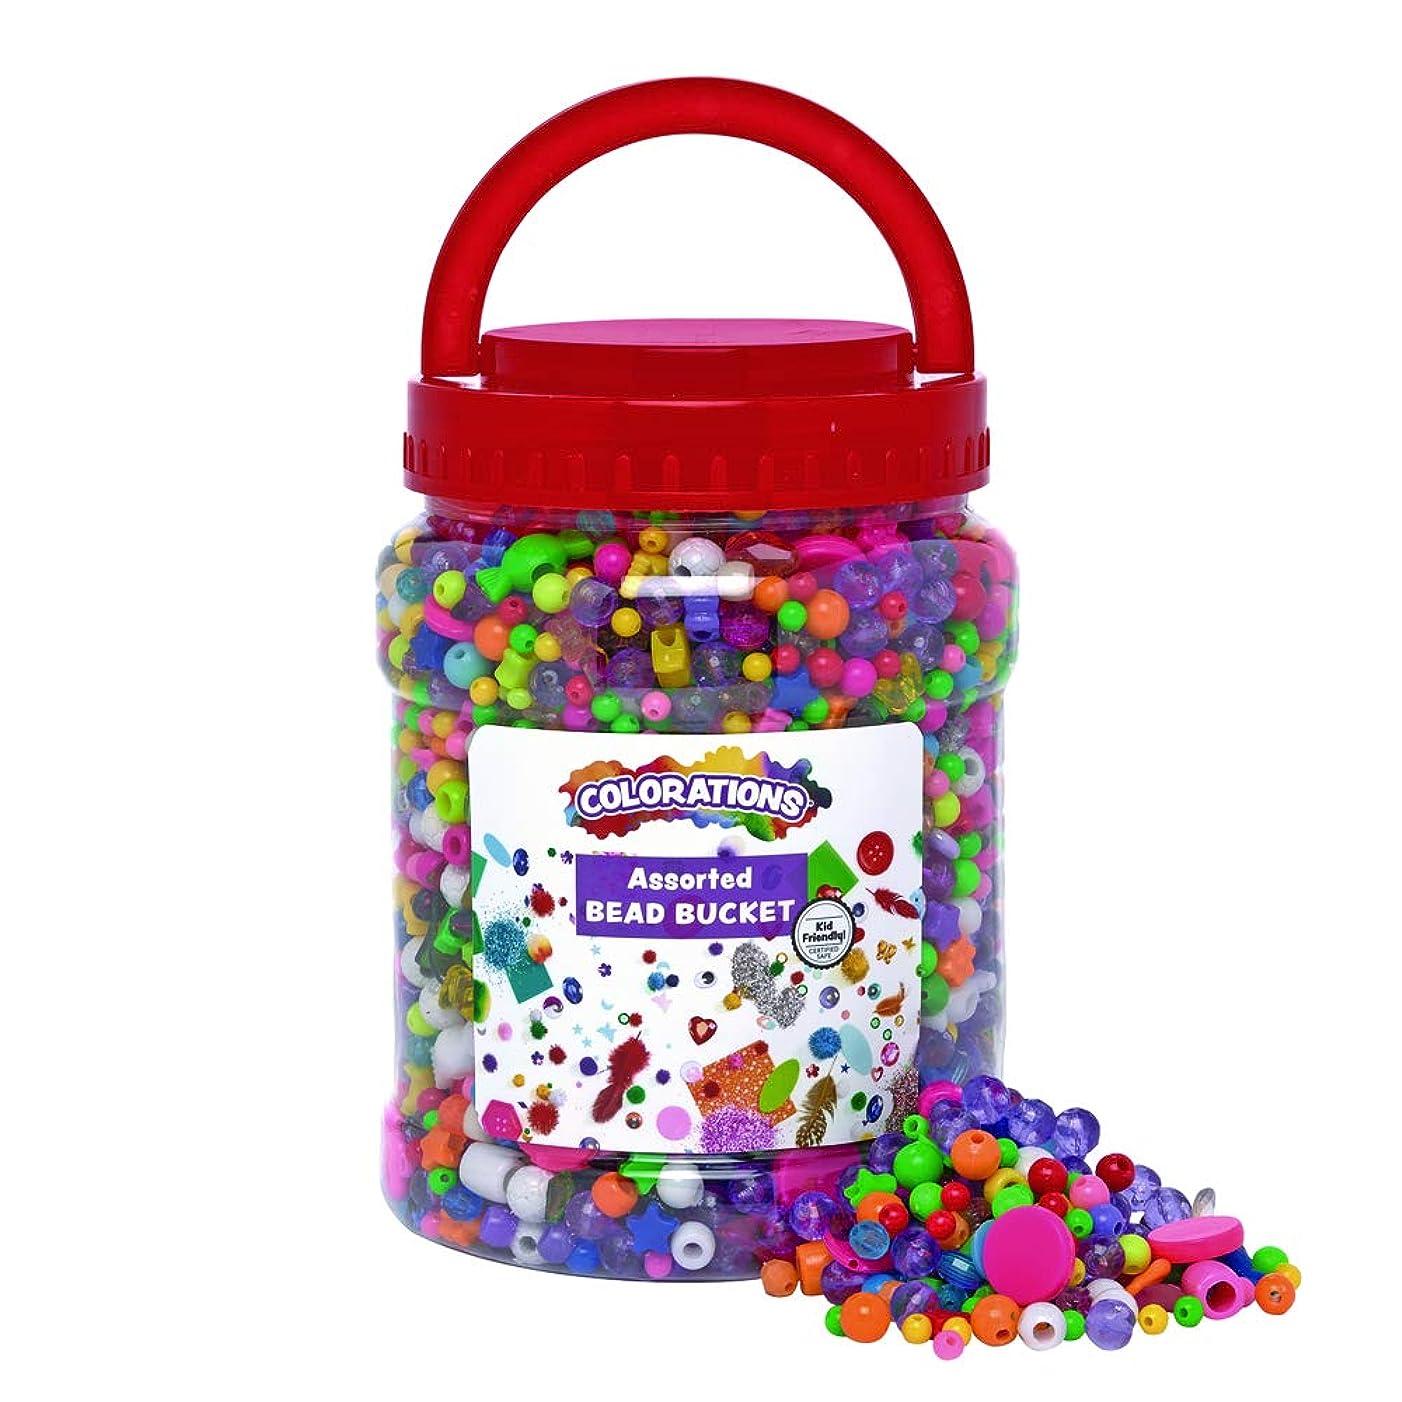 Colorations BDBKT Best Value Bead Bucket